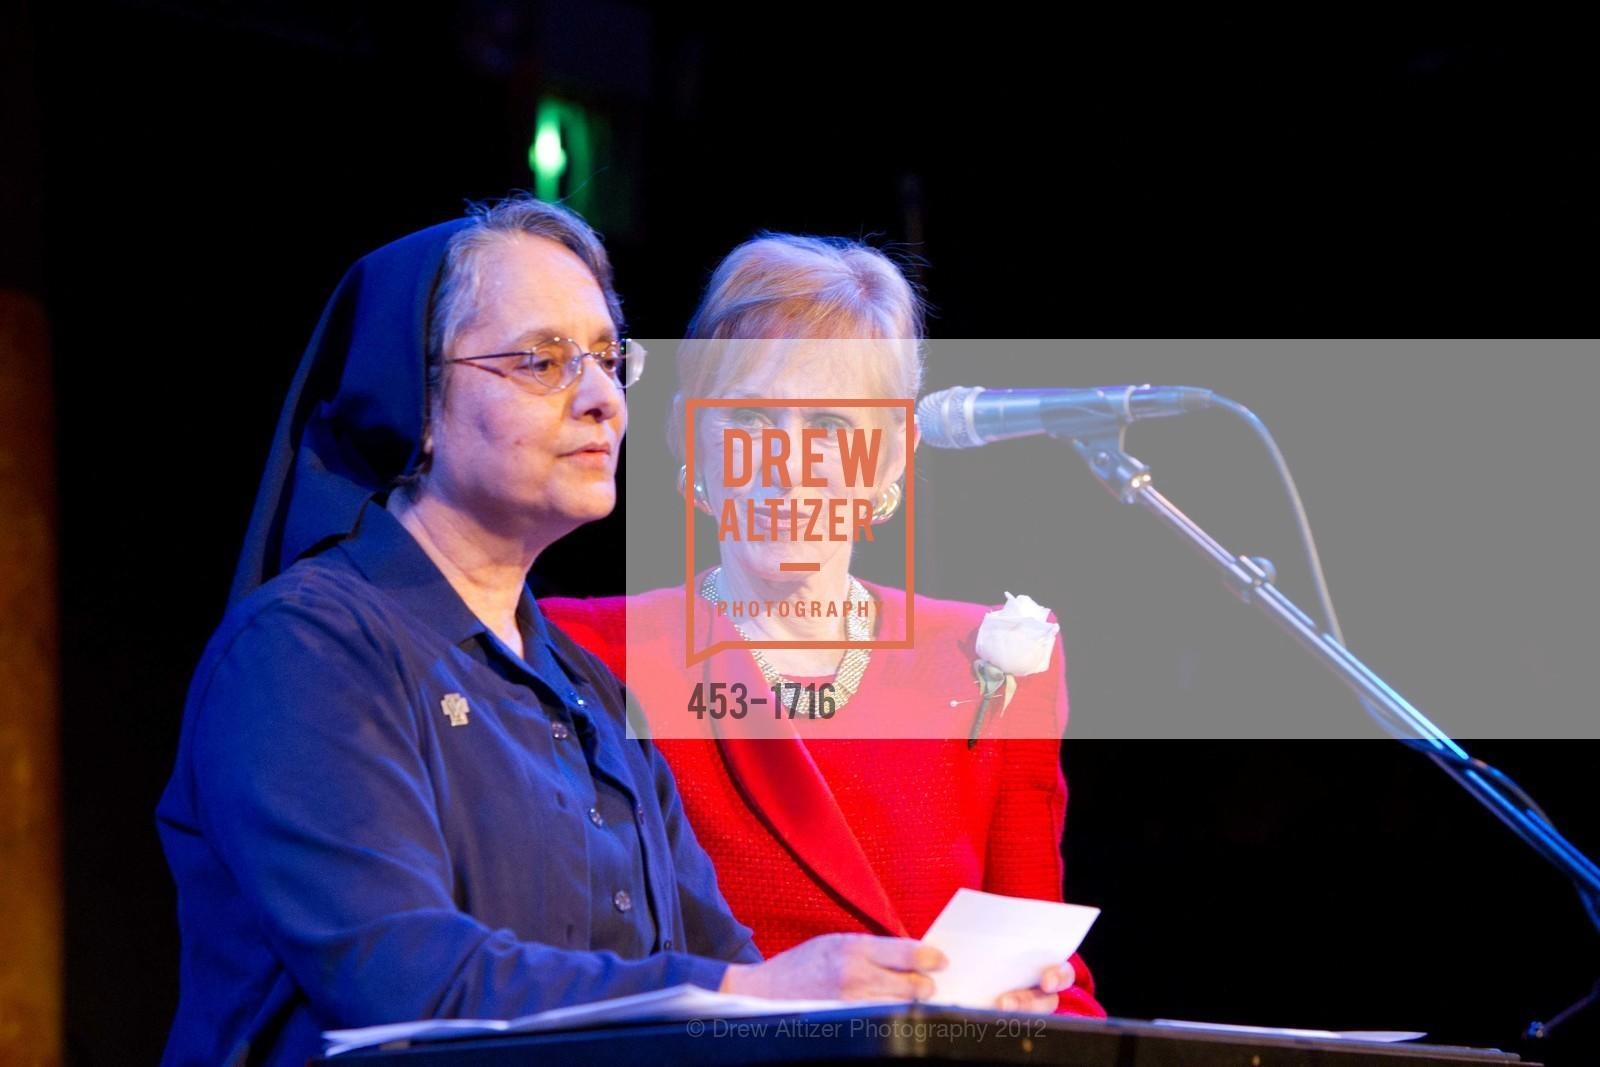 Sister Estela Morales, Brenda MacLean, Photo #453-1716